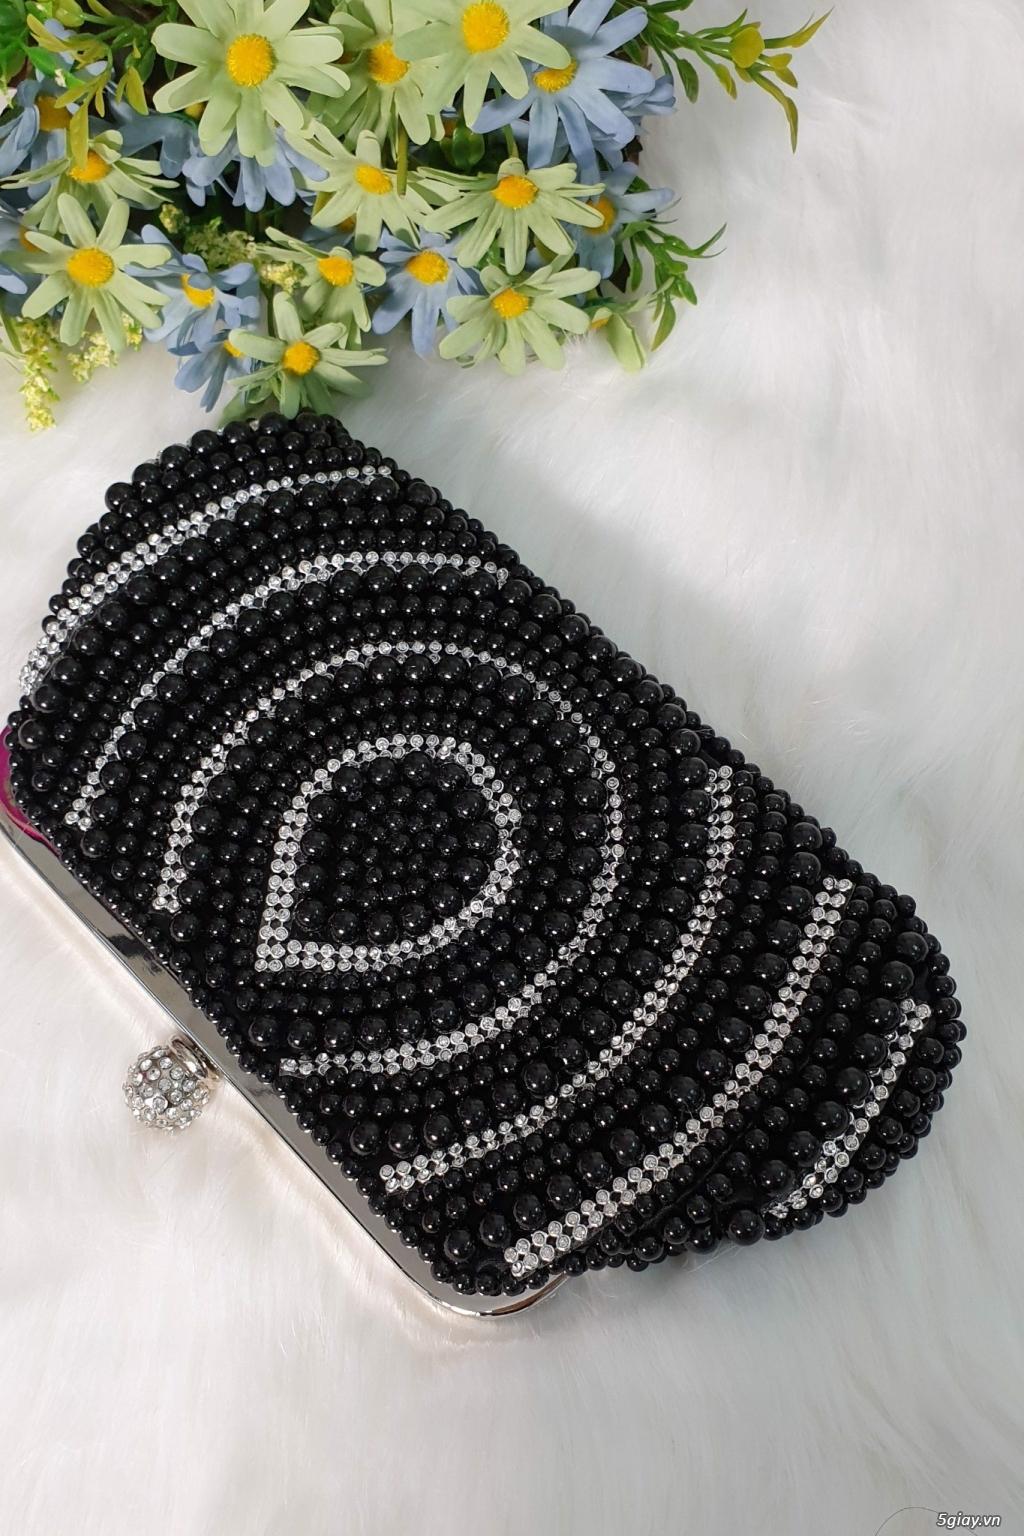 Wal House Fashion - Bóp ví túi xách thời trang - Giá ưu đãi - 32